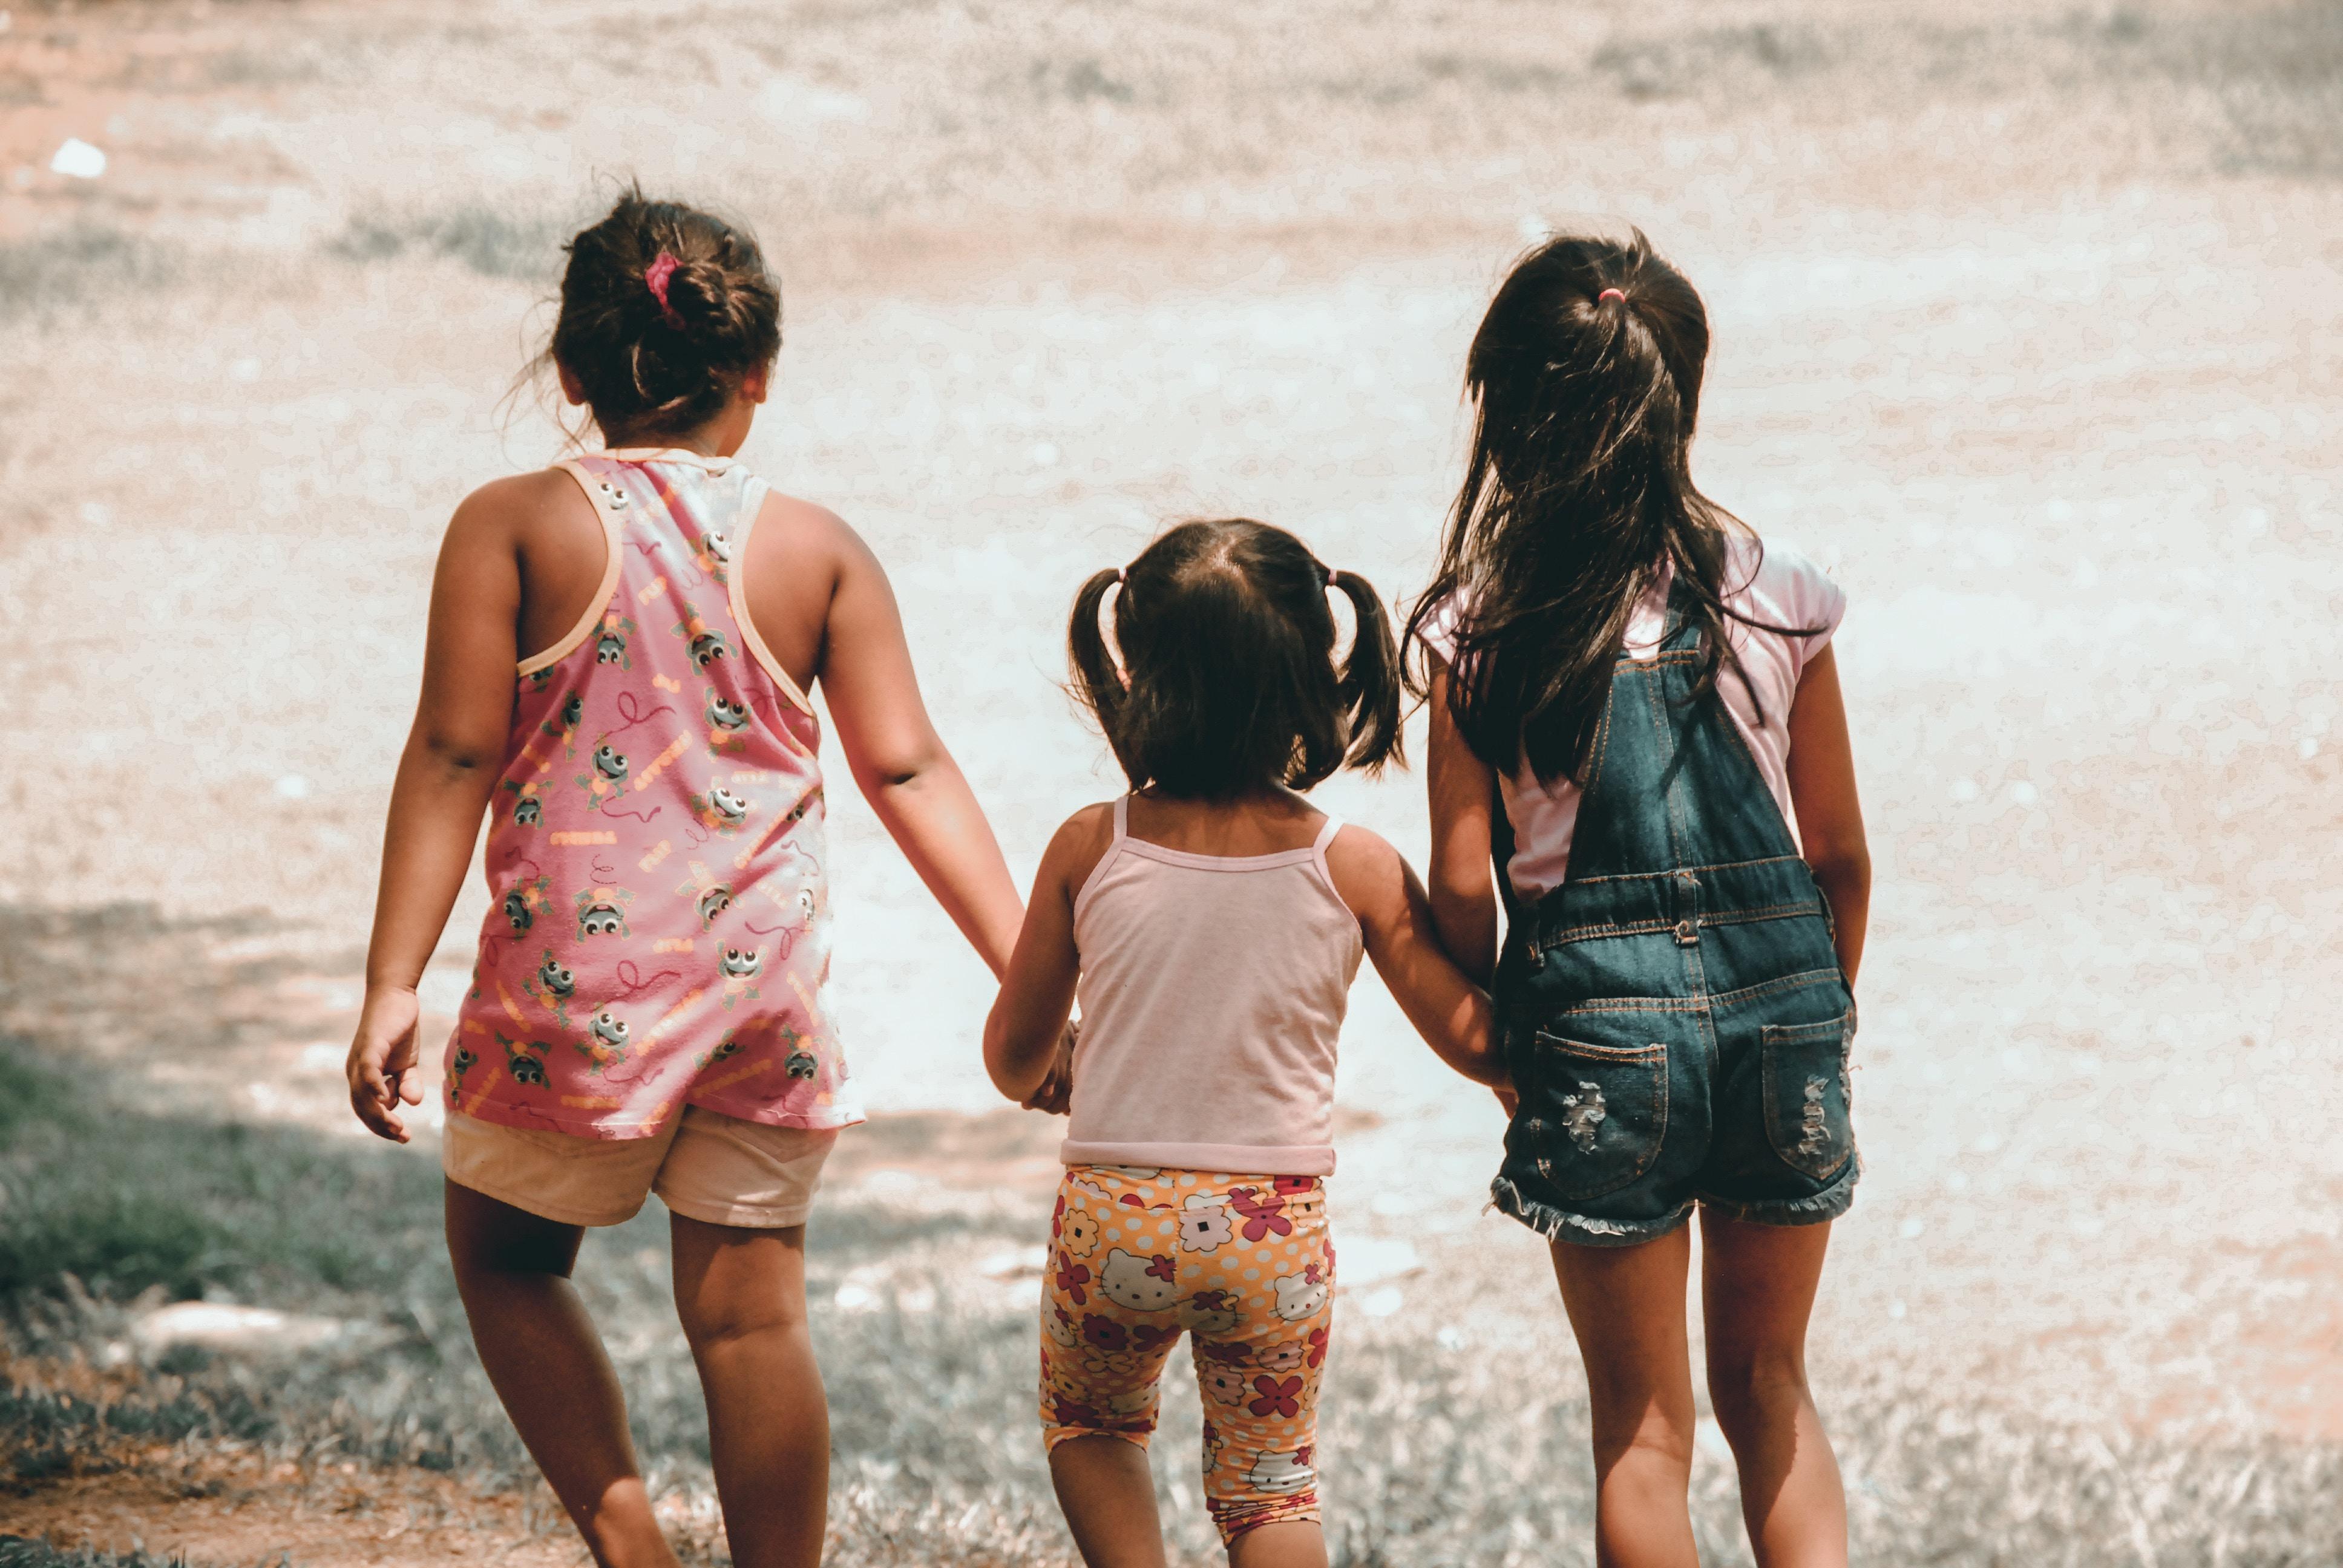 Outdoor Aktivitäten für Kinder